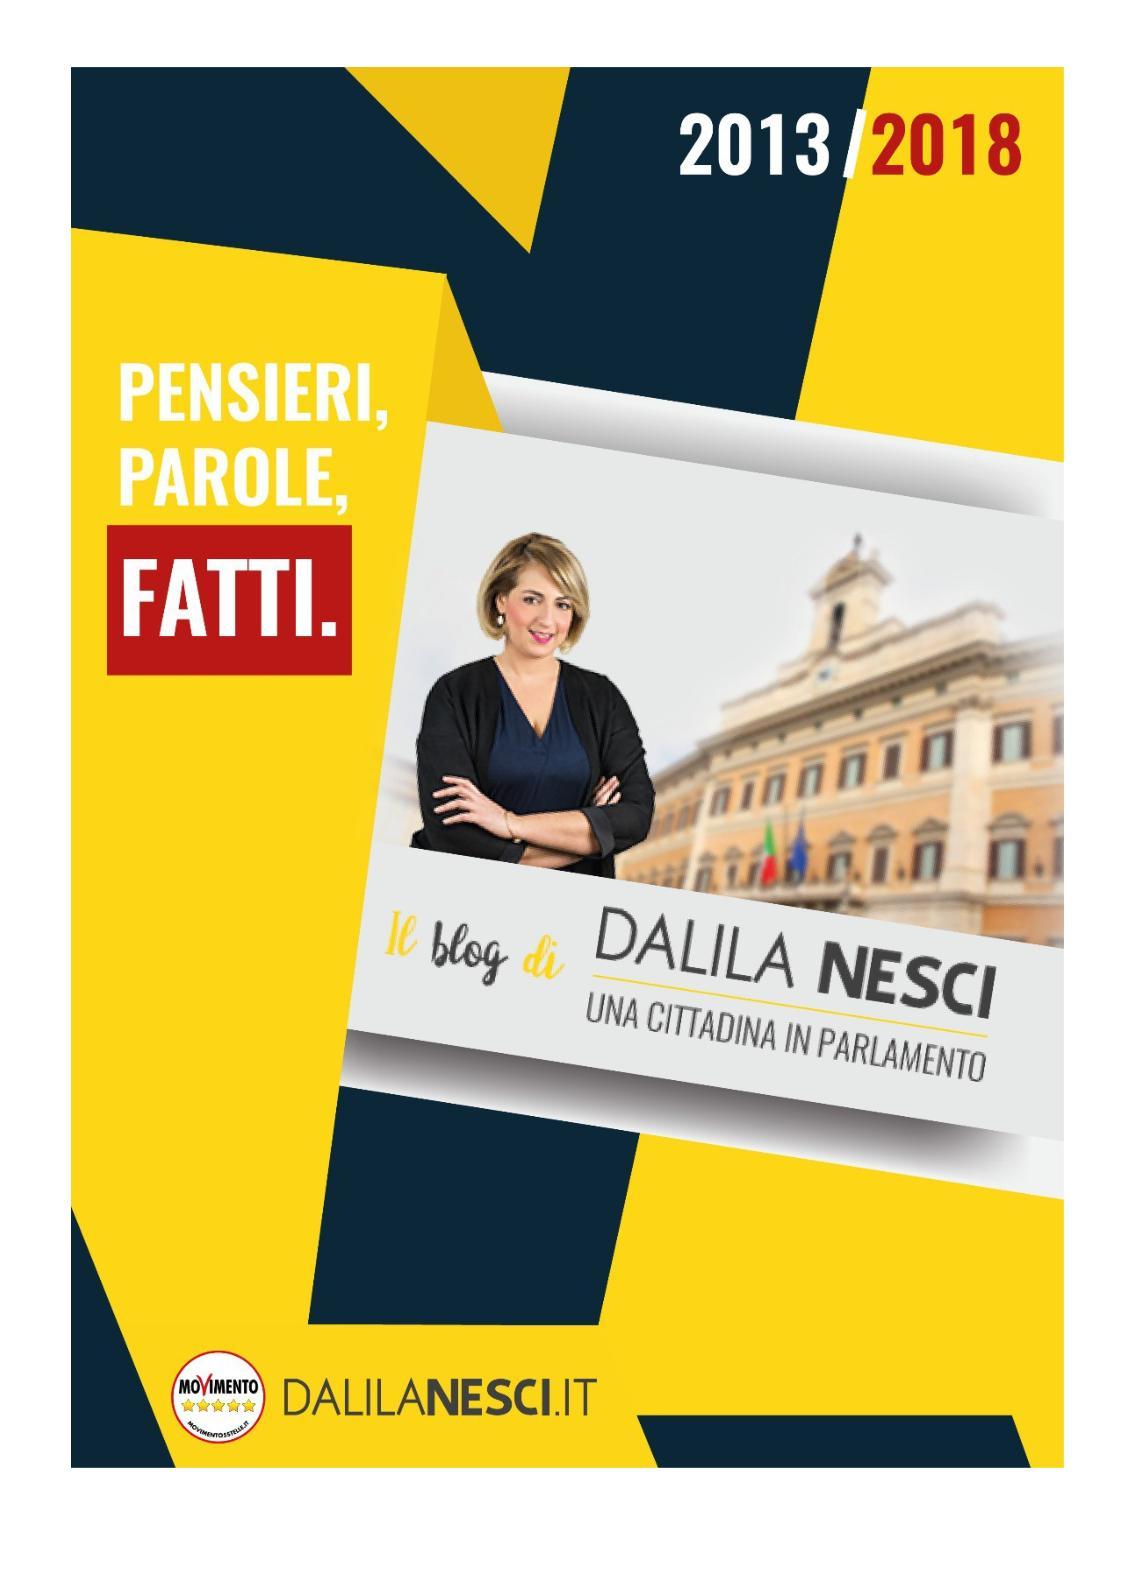 20132018 In Una Cittadina Calaméo Anno Parlamento 7ymI6gYbfv